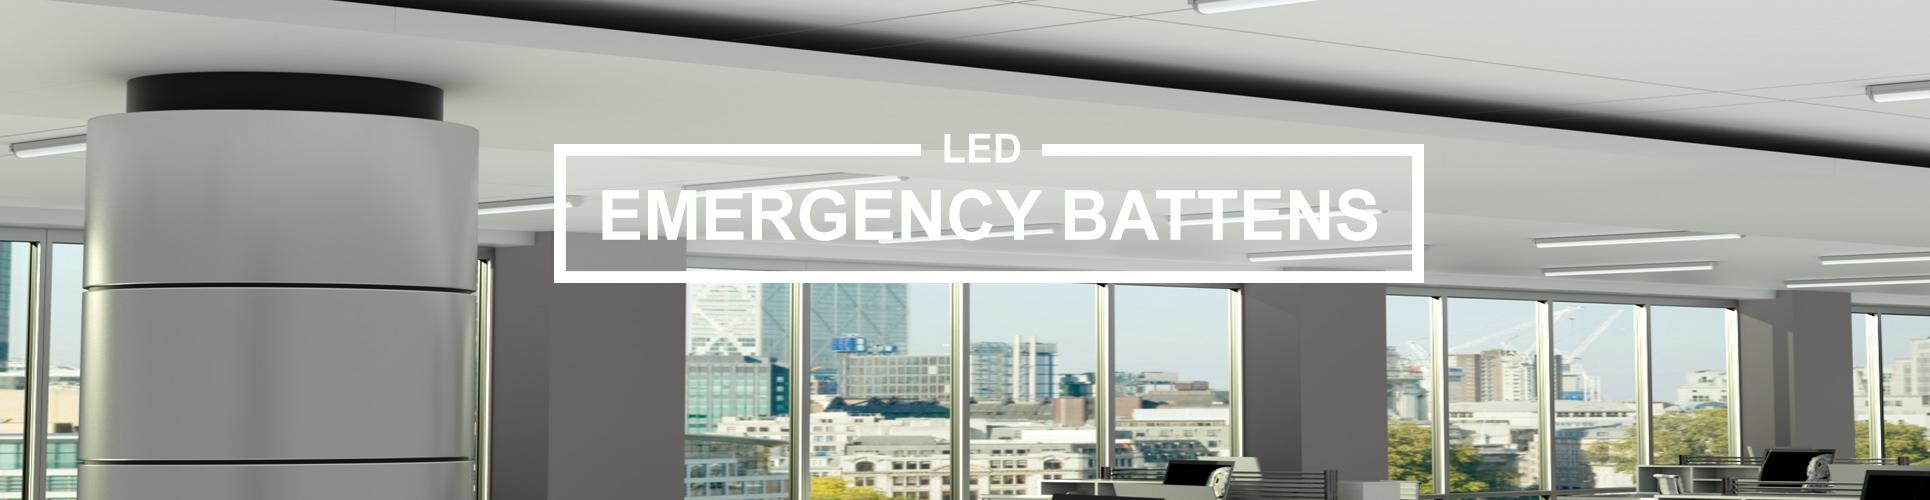 Emergency batten lights